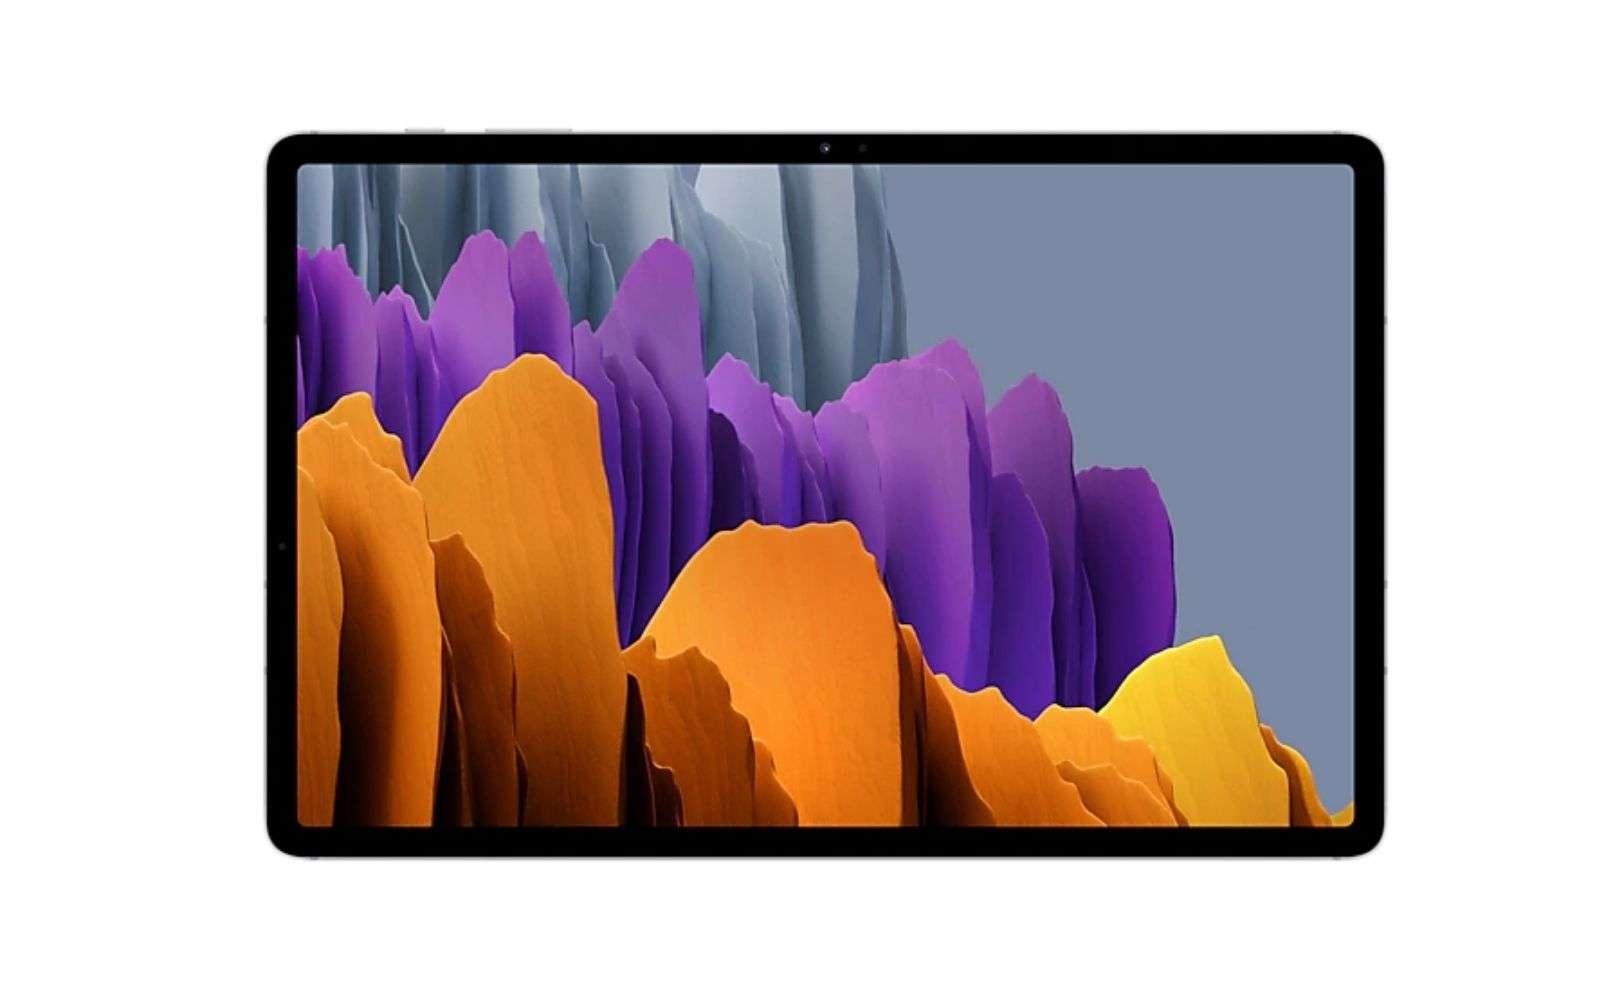 La Galaxy S7 et la S7+ sont disponibles en 4 coloris @Samsung